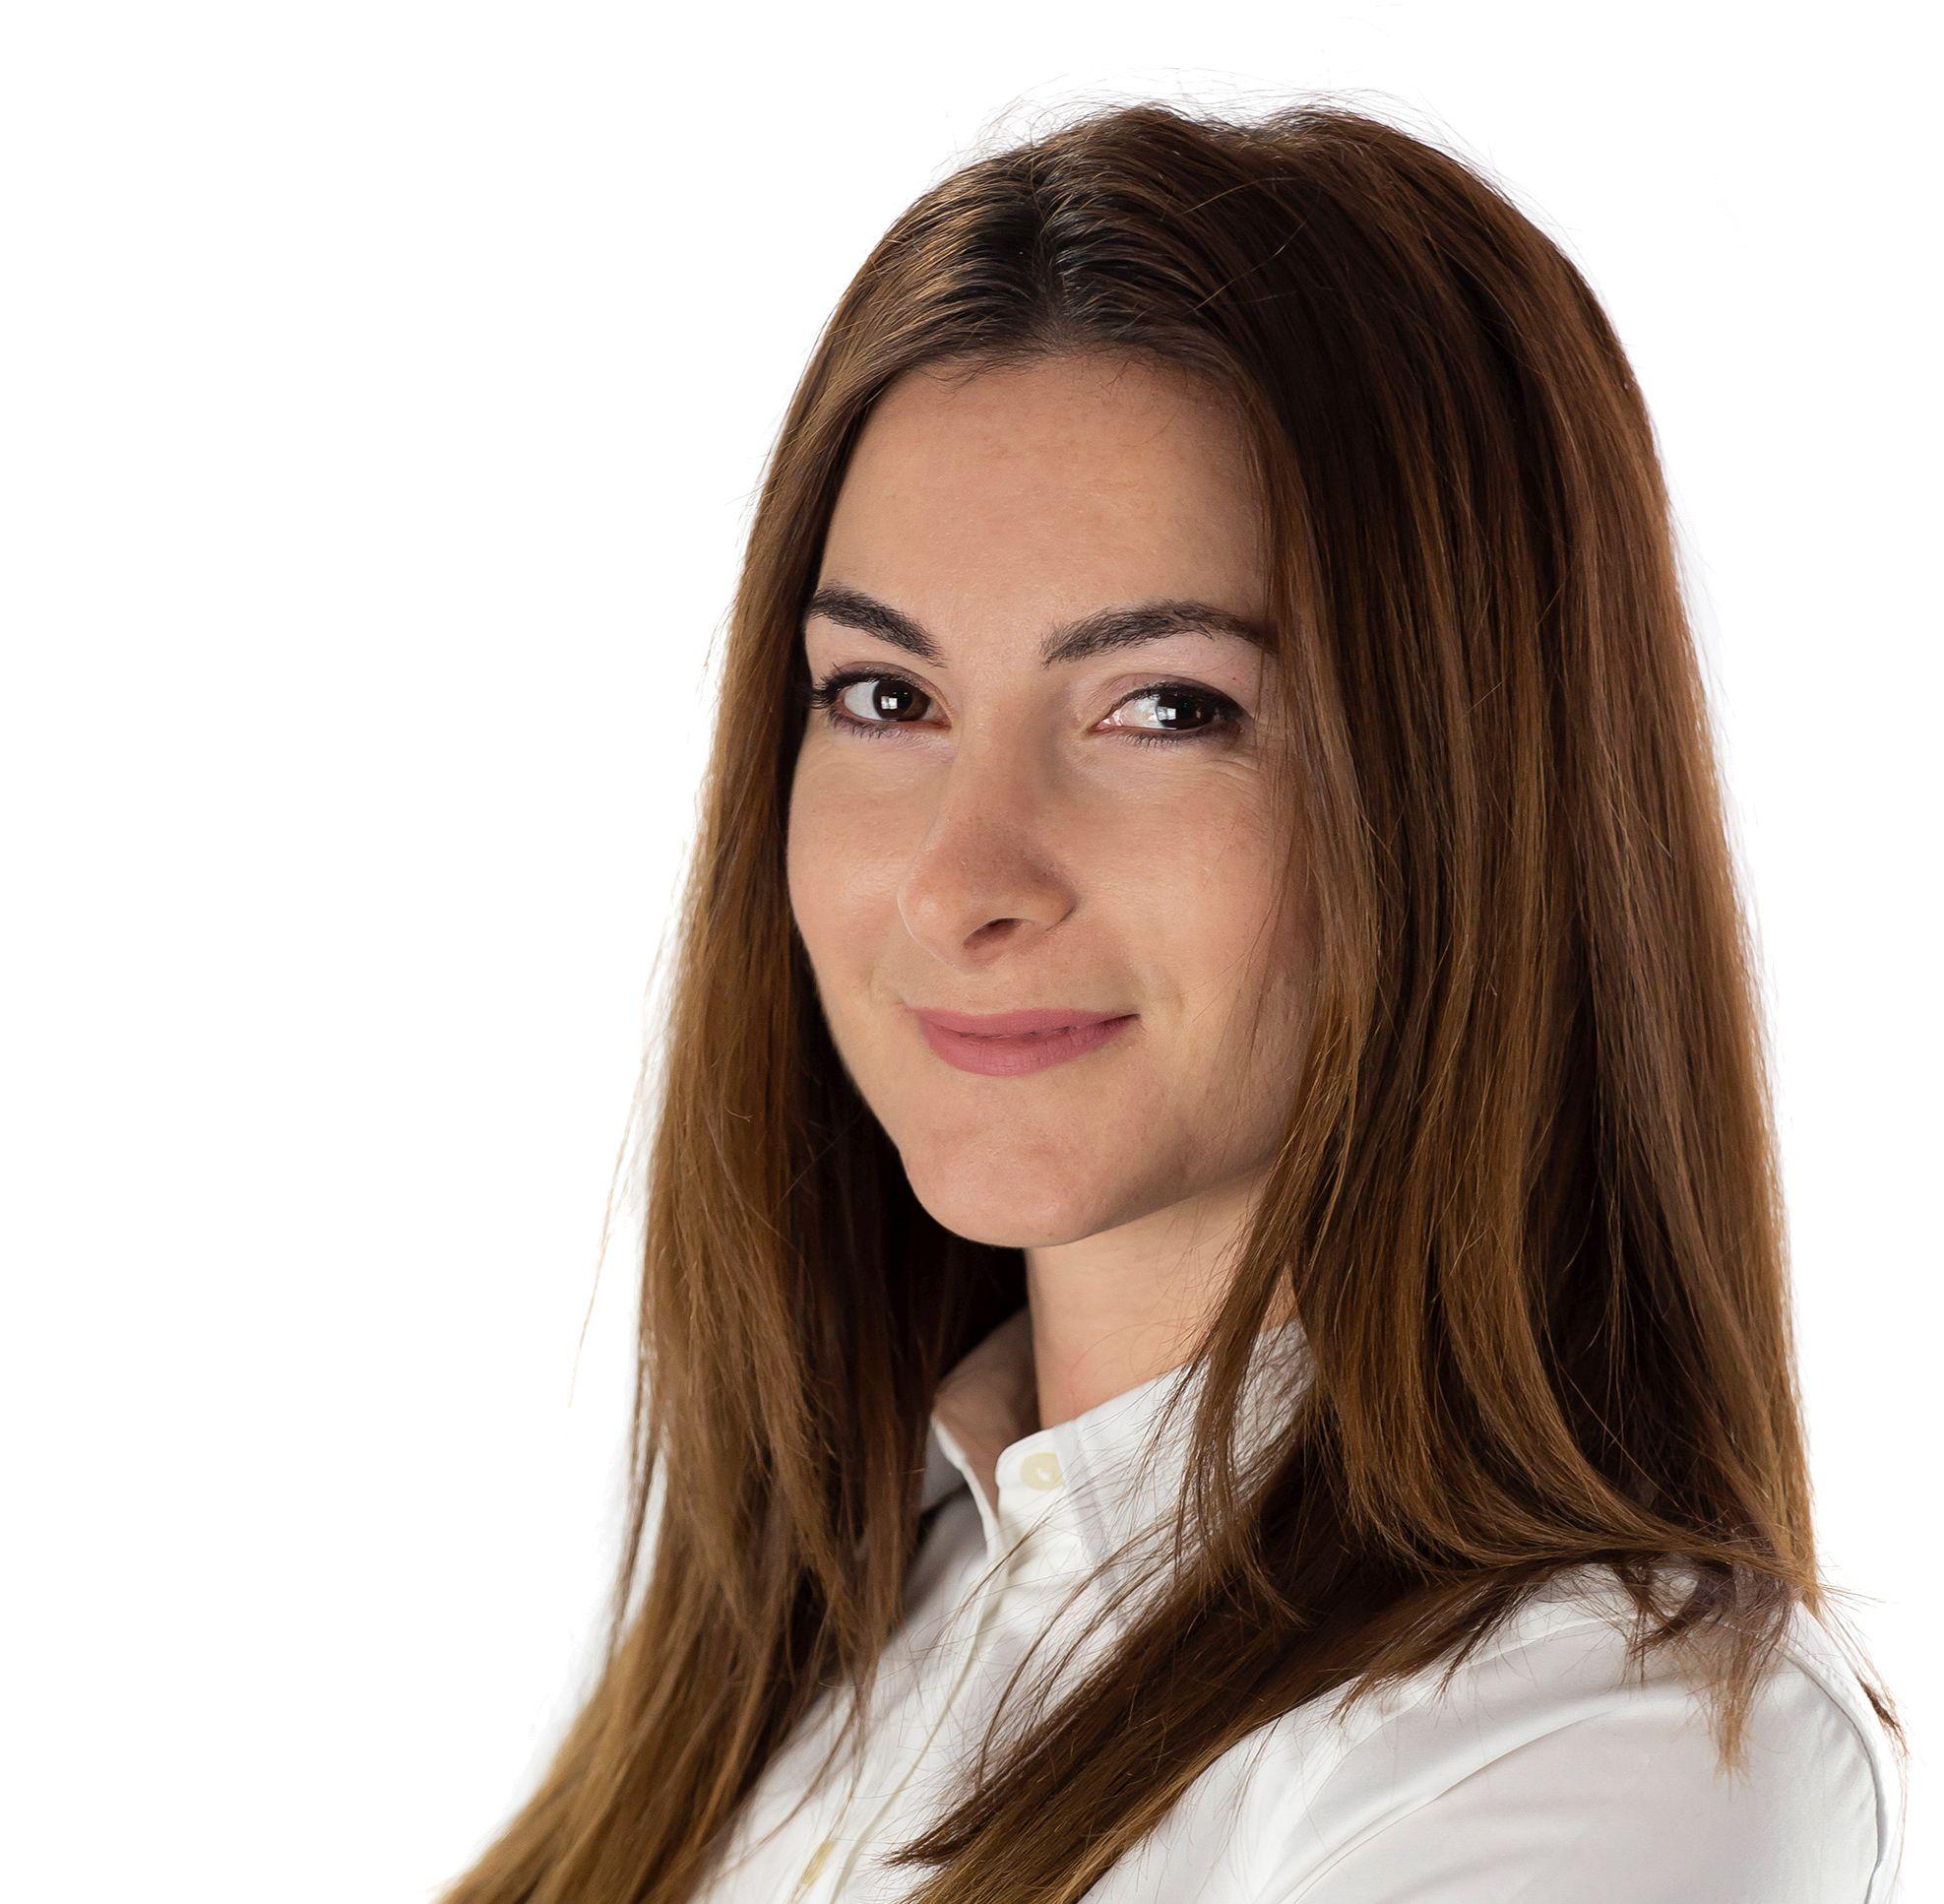 Magdalina Shopova, Total Rewards Senior Consultant, SAP: Bunăstarea salariaților e fundamentul motivației și angajamentului pe care îl au în raport cu munca pe care o depun